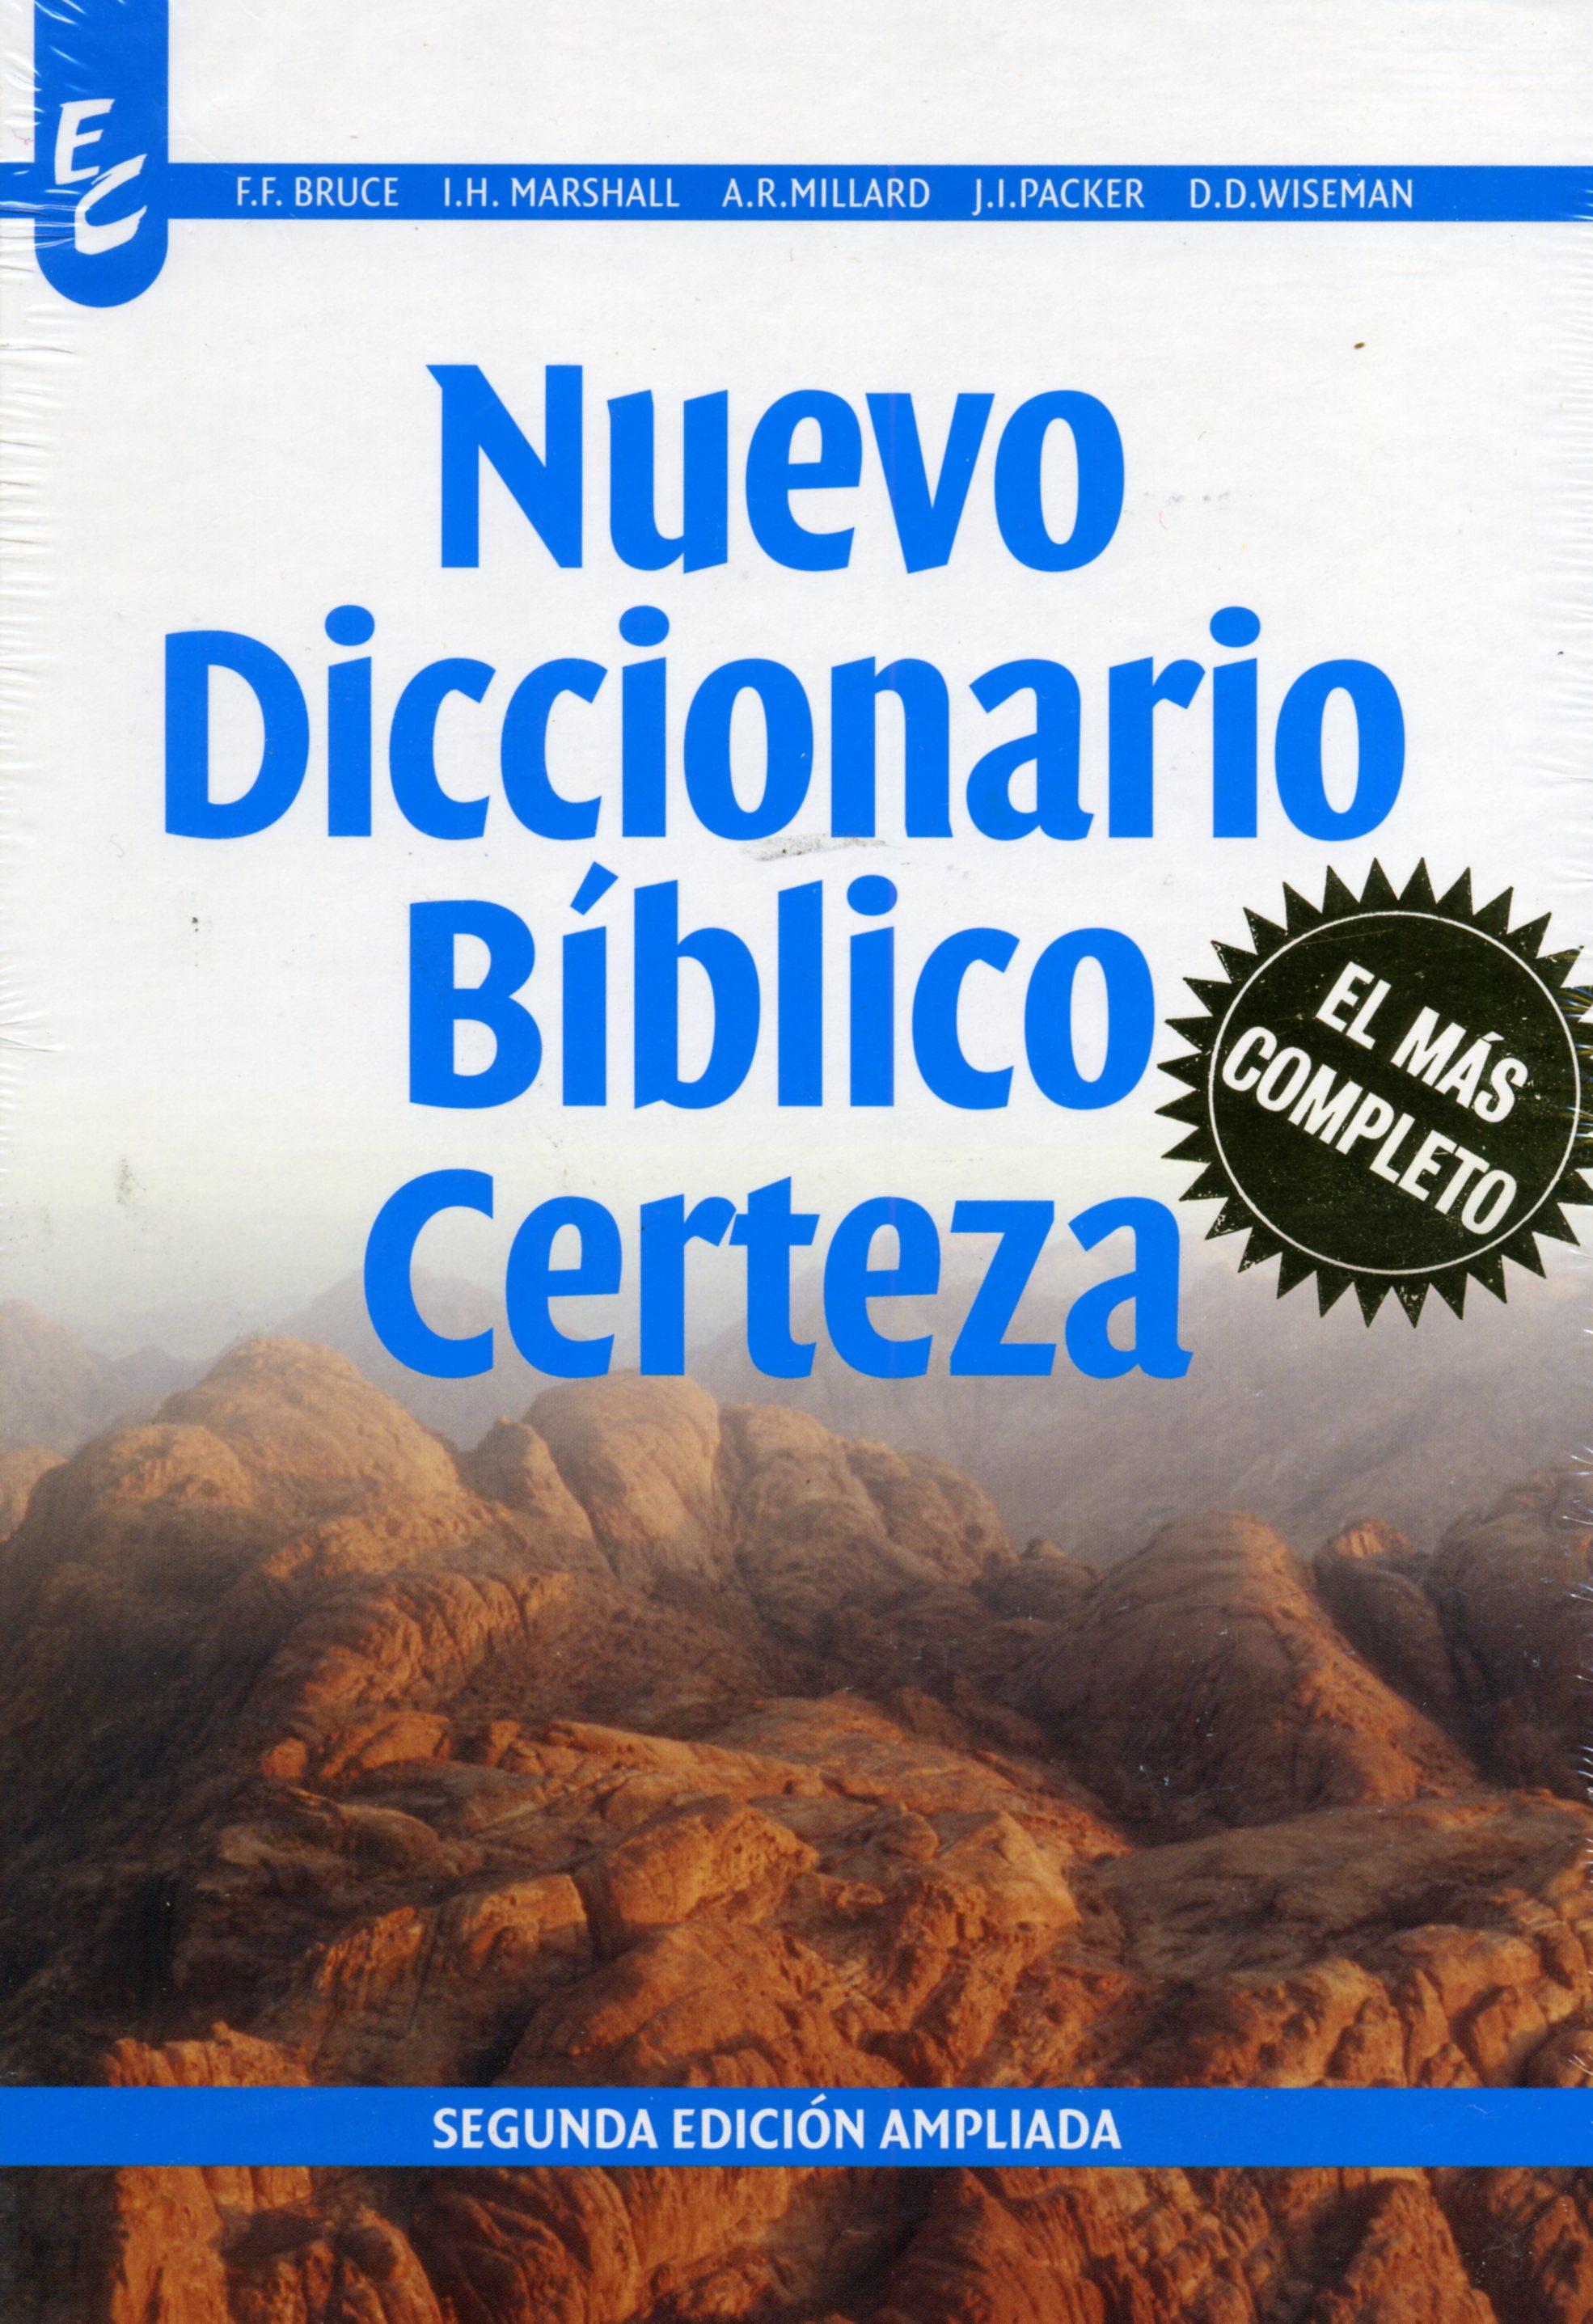 Nuevo Diccionario Bíblico Certeza (9789506831042): Varios